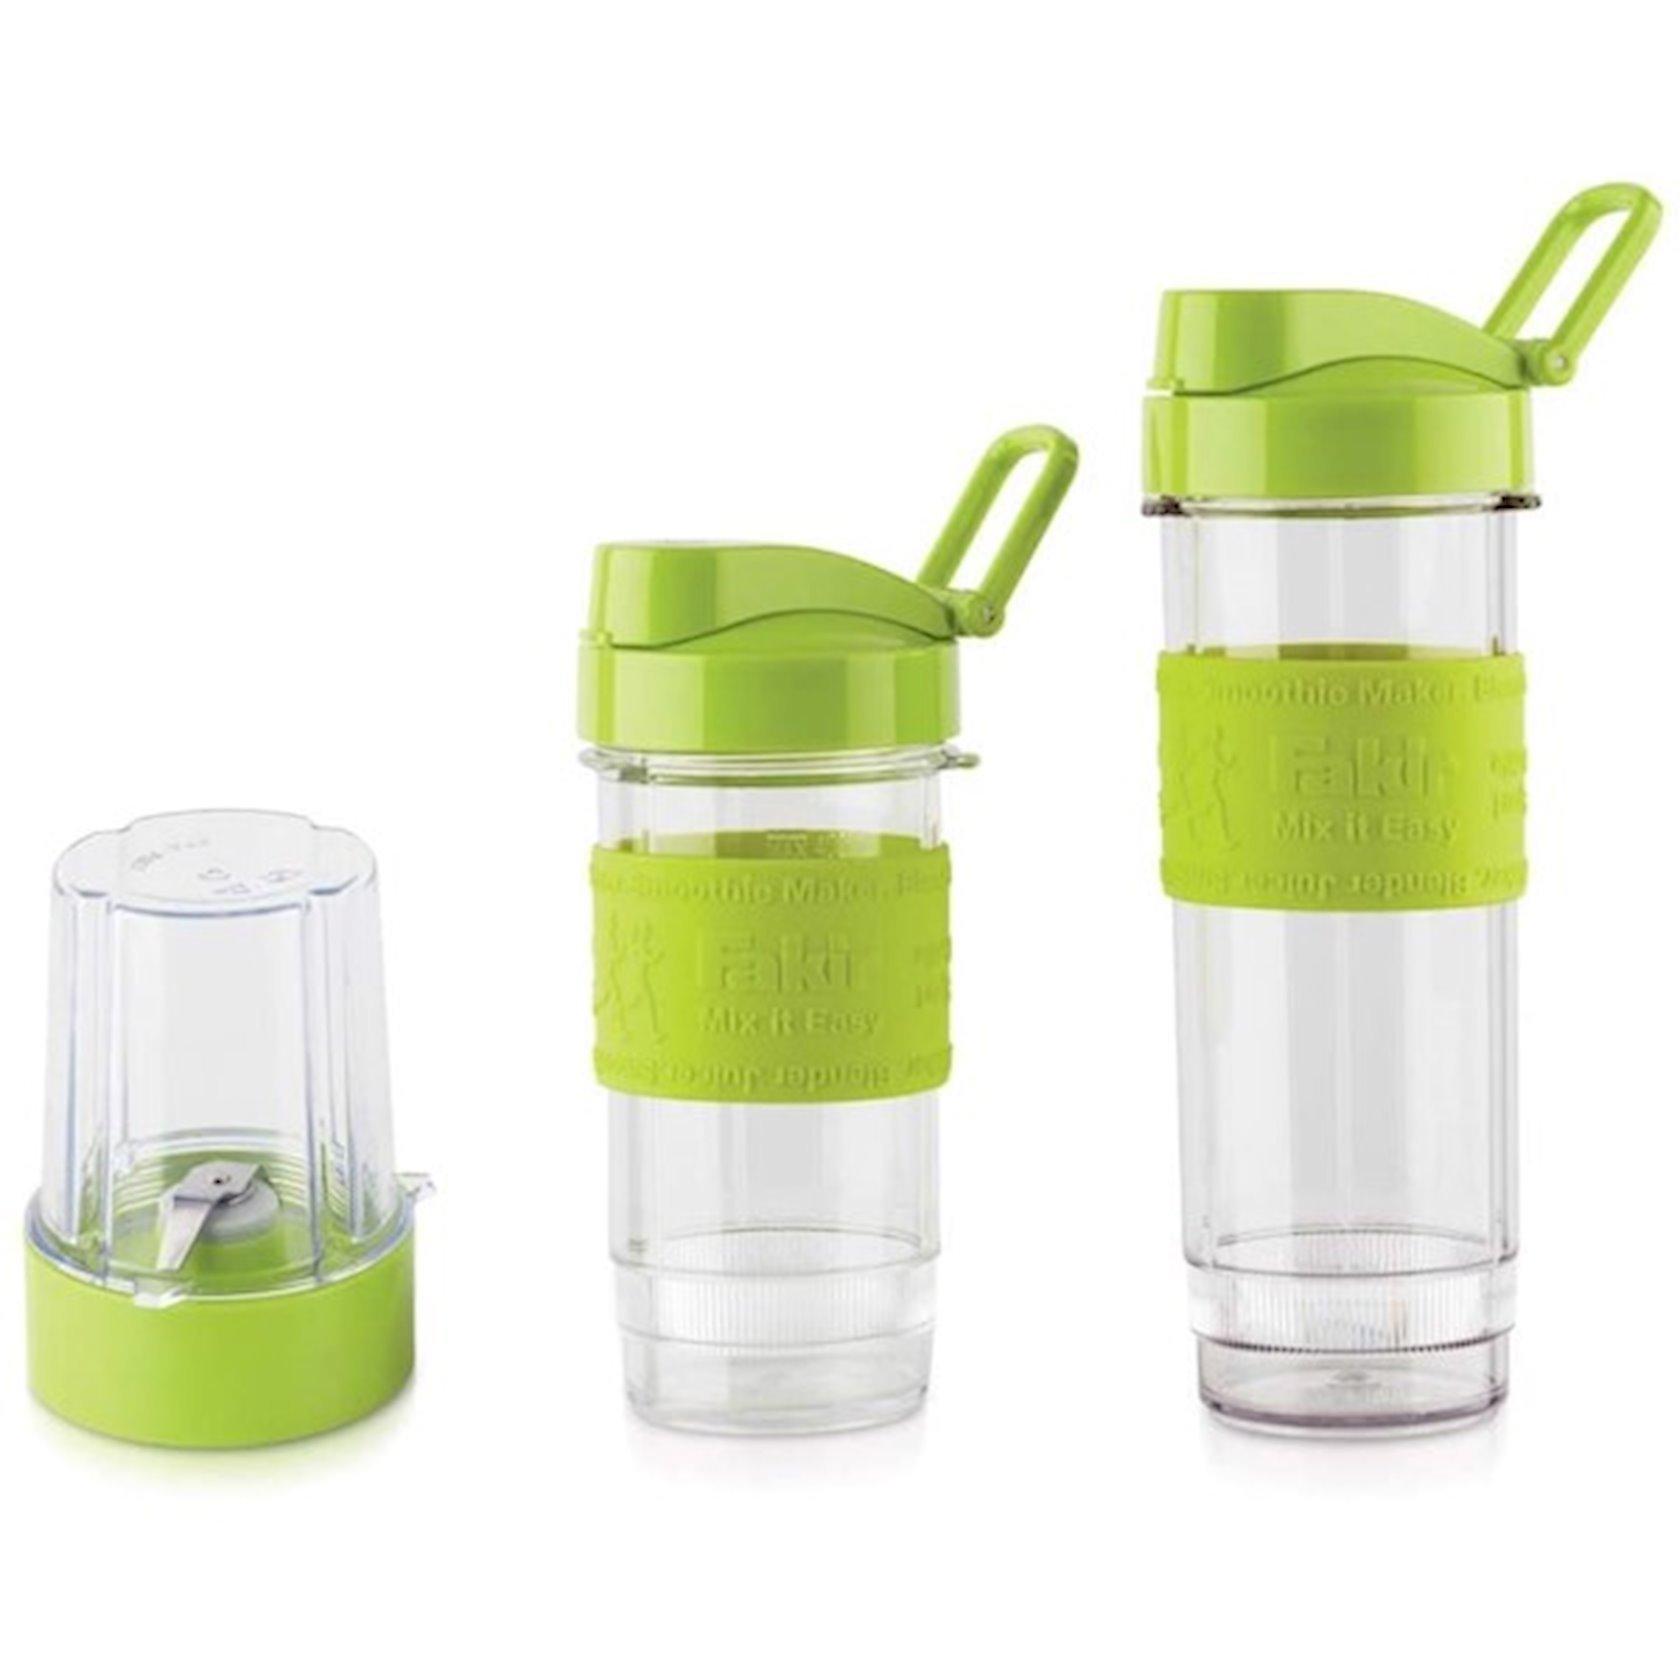 Blender  Fakir Mix It Easy Green